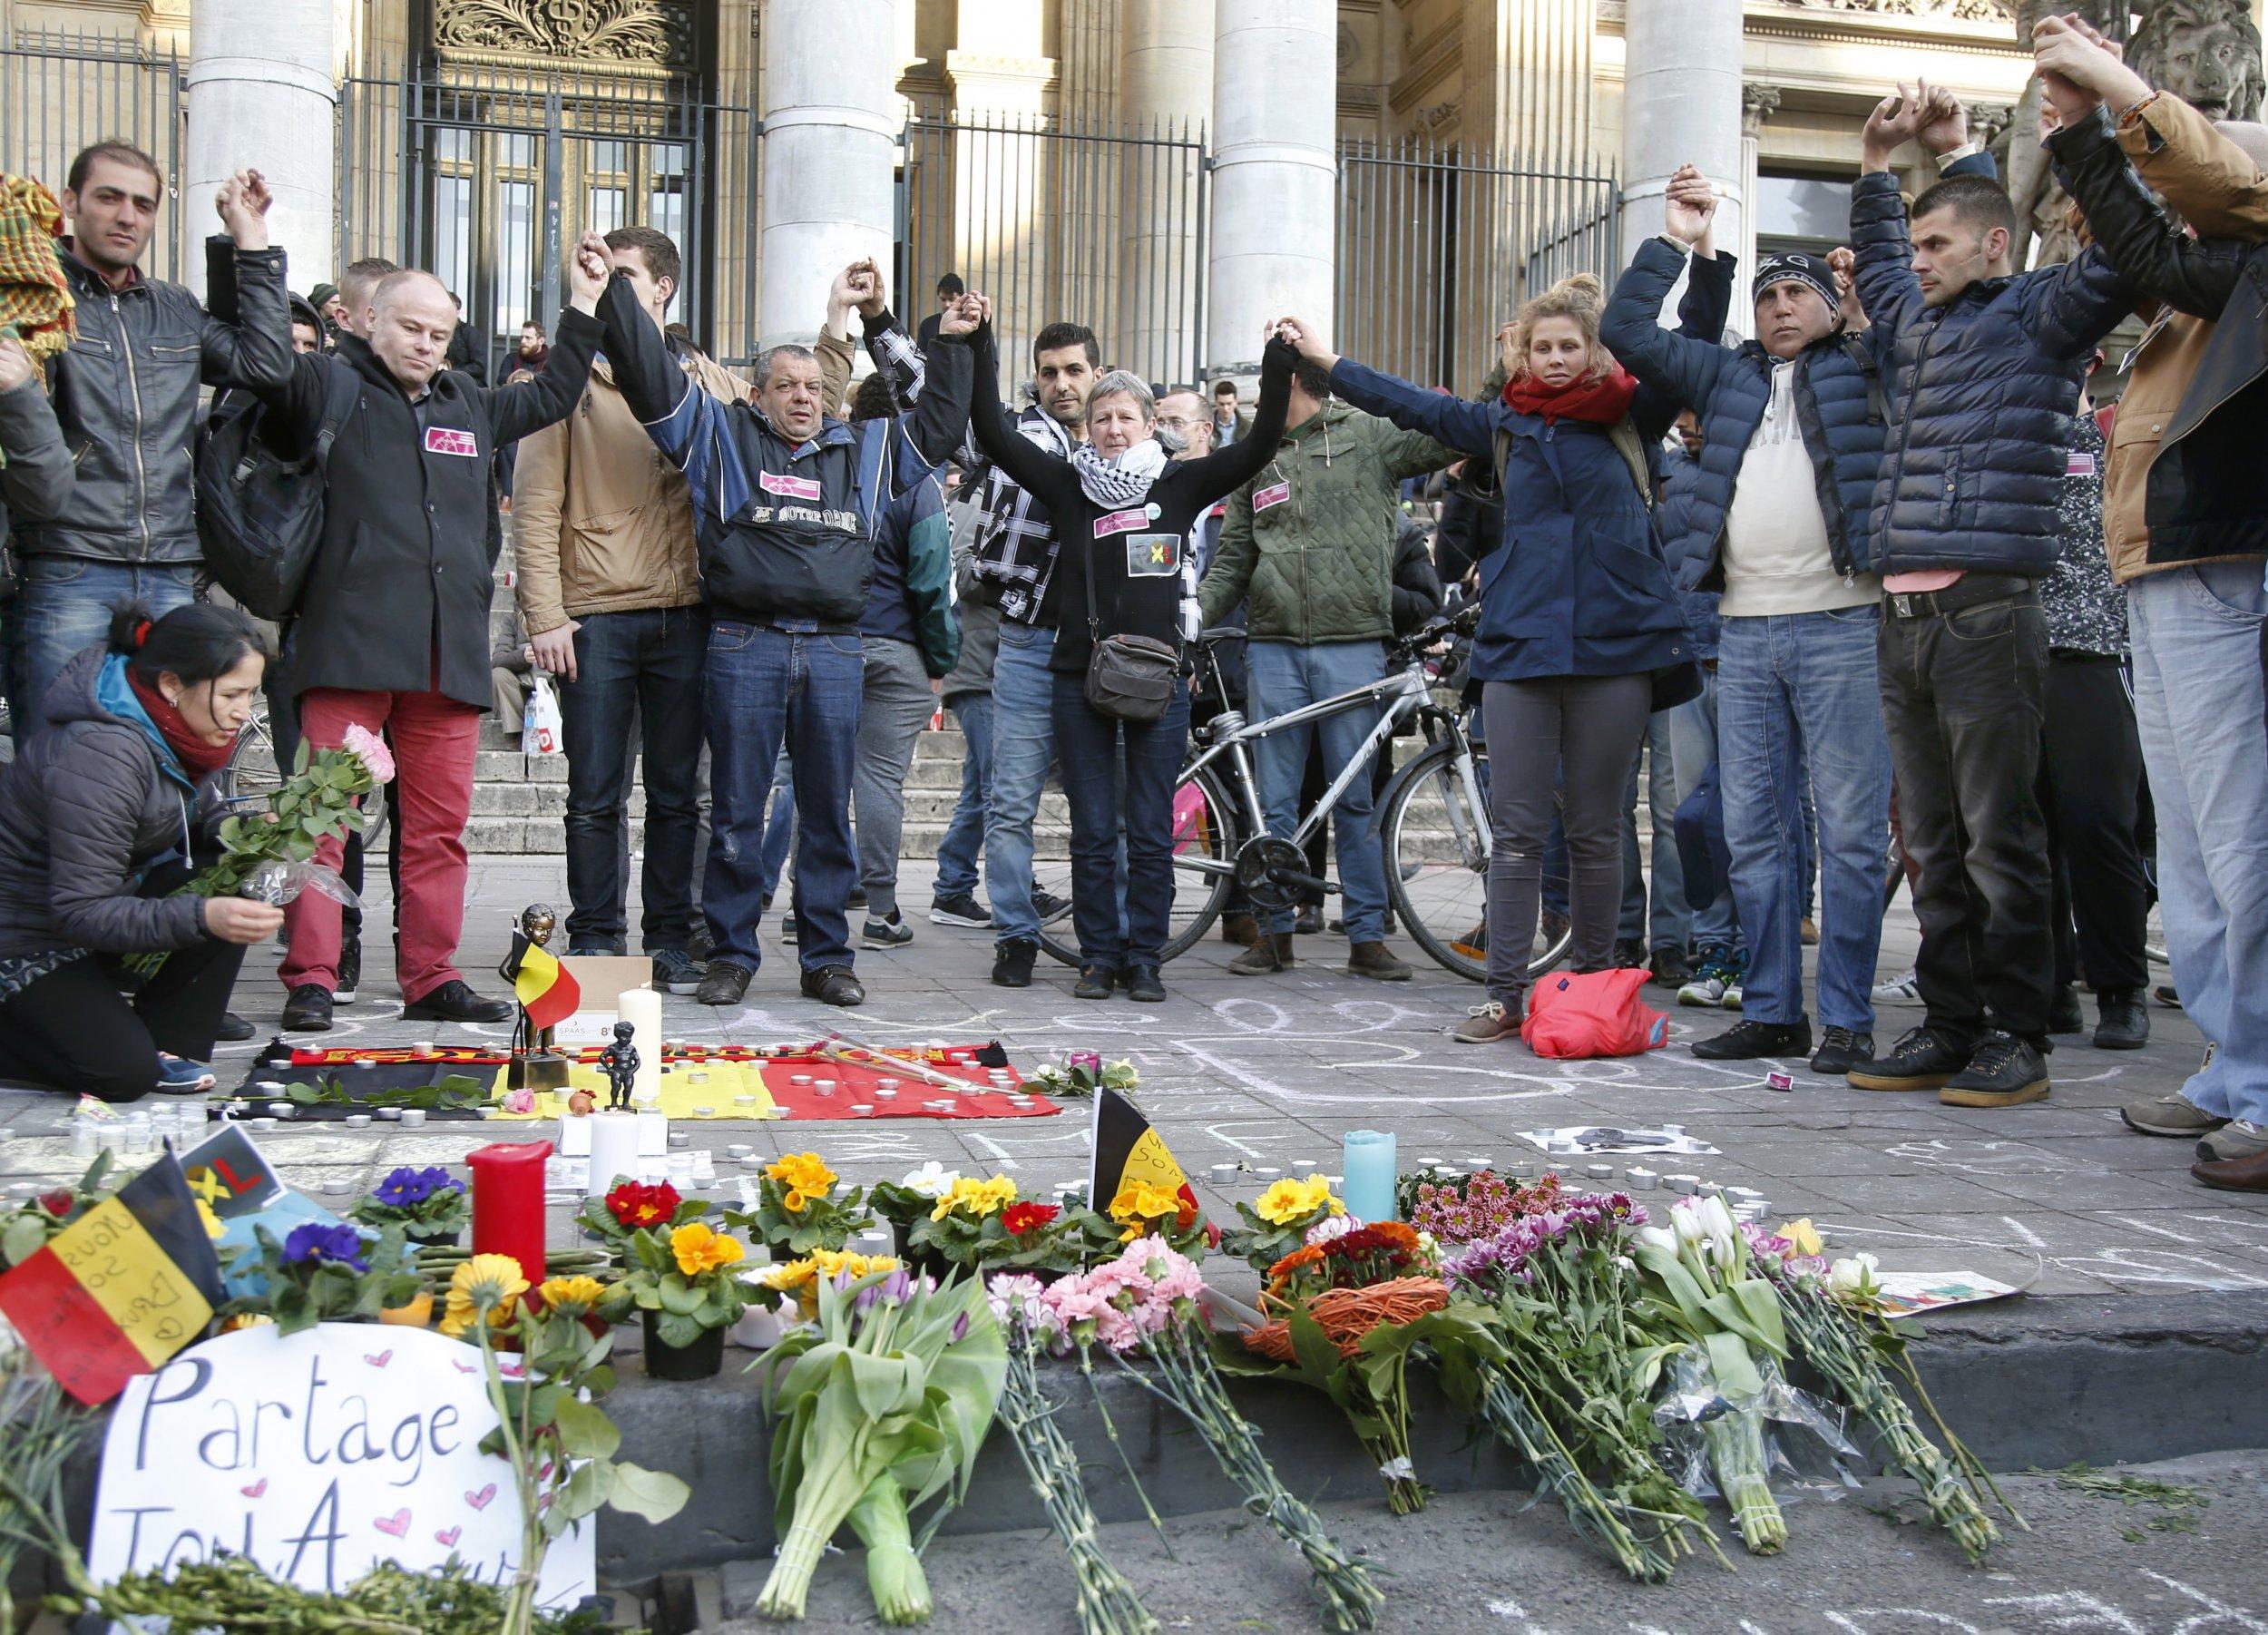 Brussels Belgium ISIS Attacks